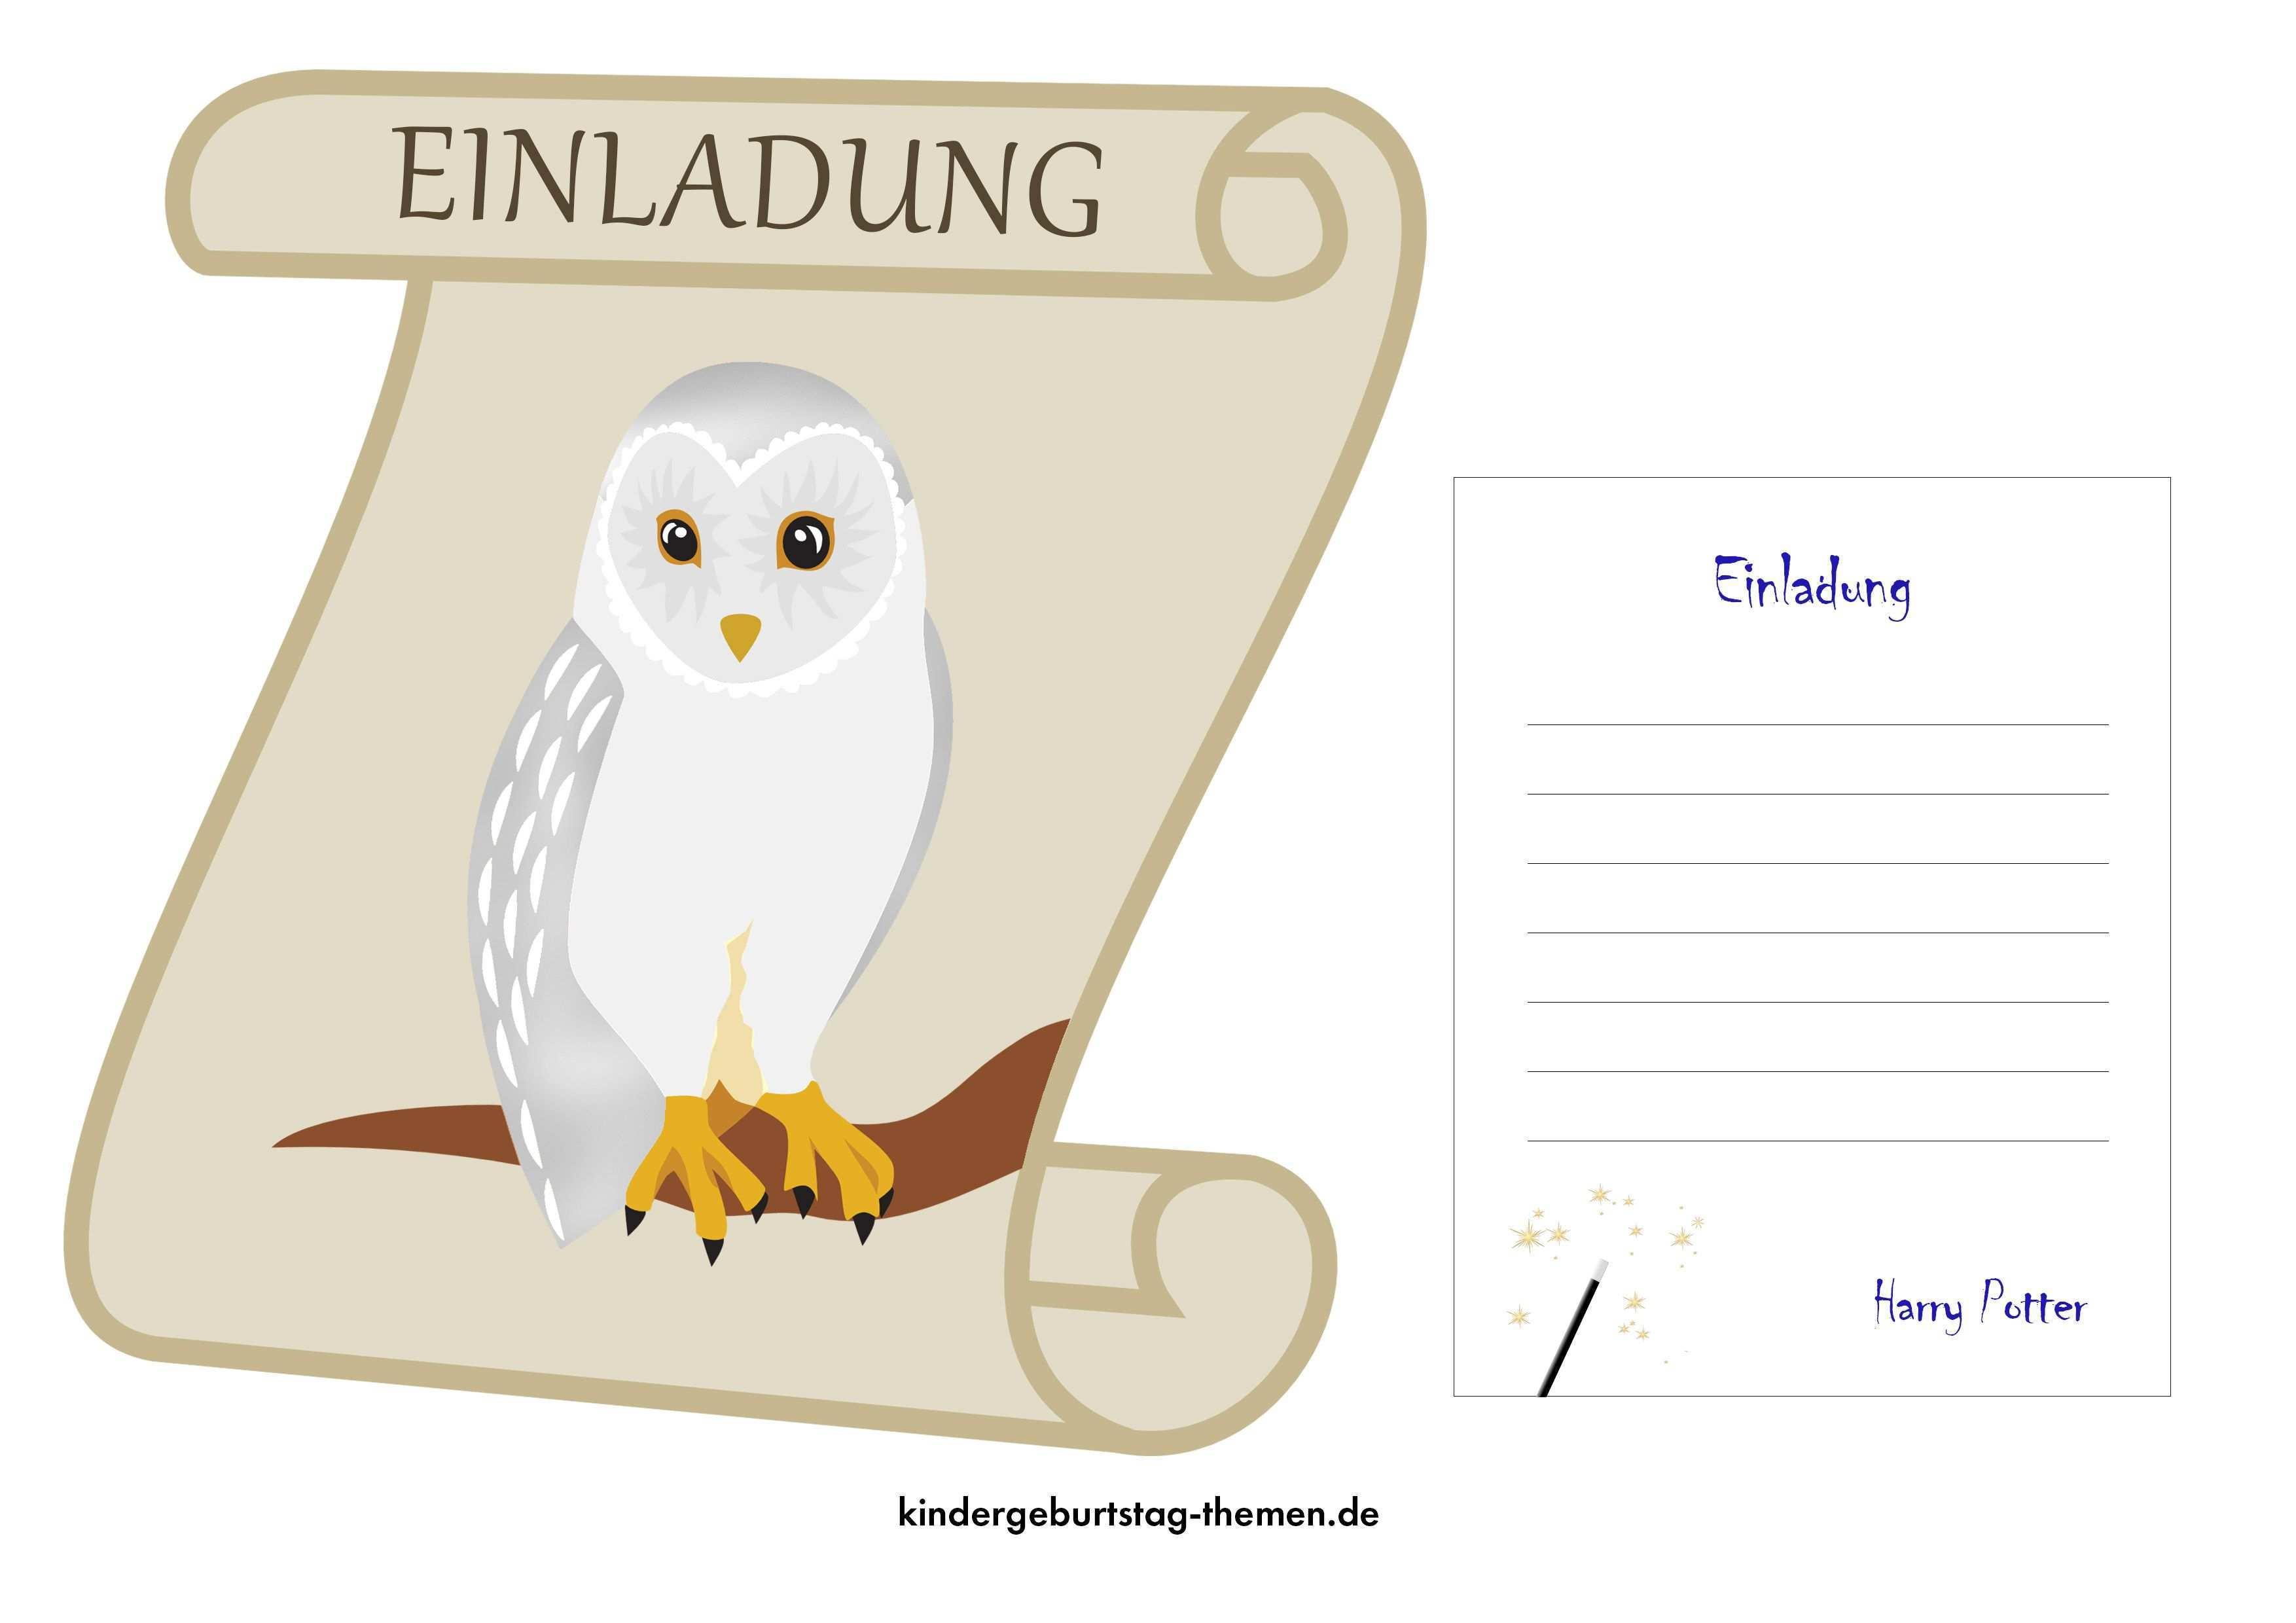 Harry Potter Einladung Free Printable Vorlagen Als Pdf Datei Einladungskarten Kindergeburtstag Kindergeburtstag Ausmalbilder Zum Ausdrucken Kostenlos